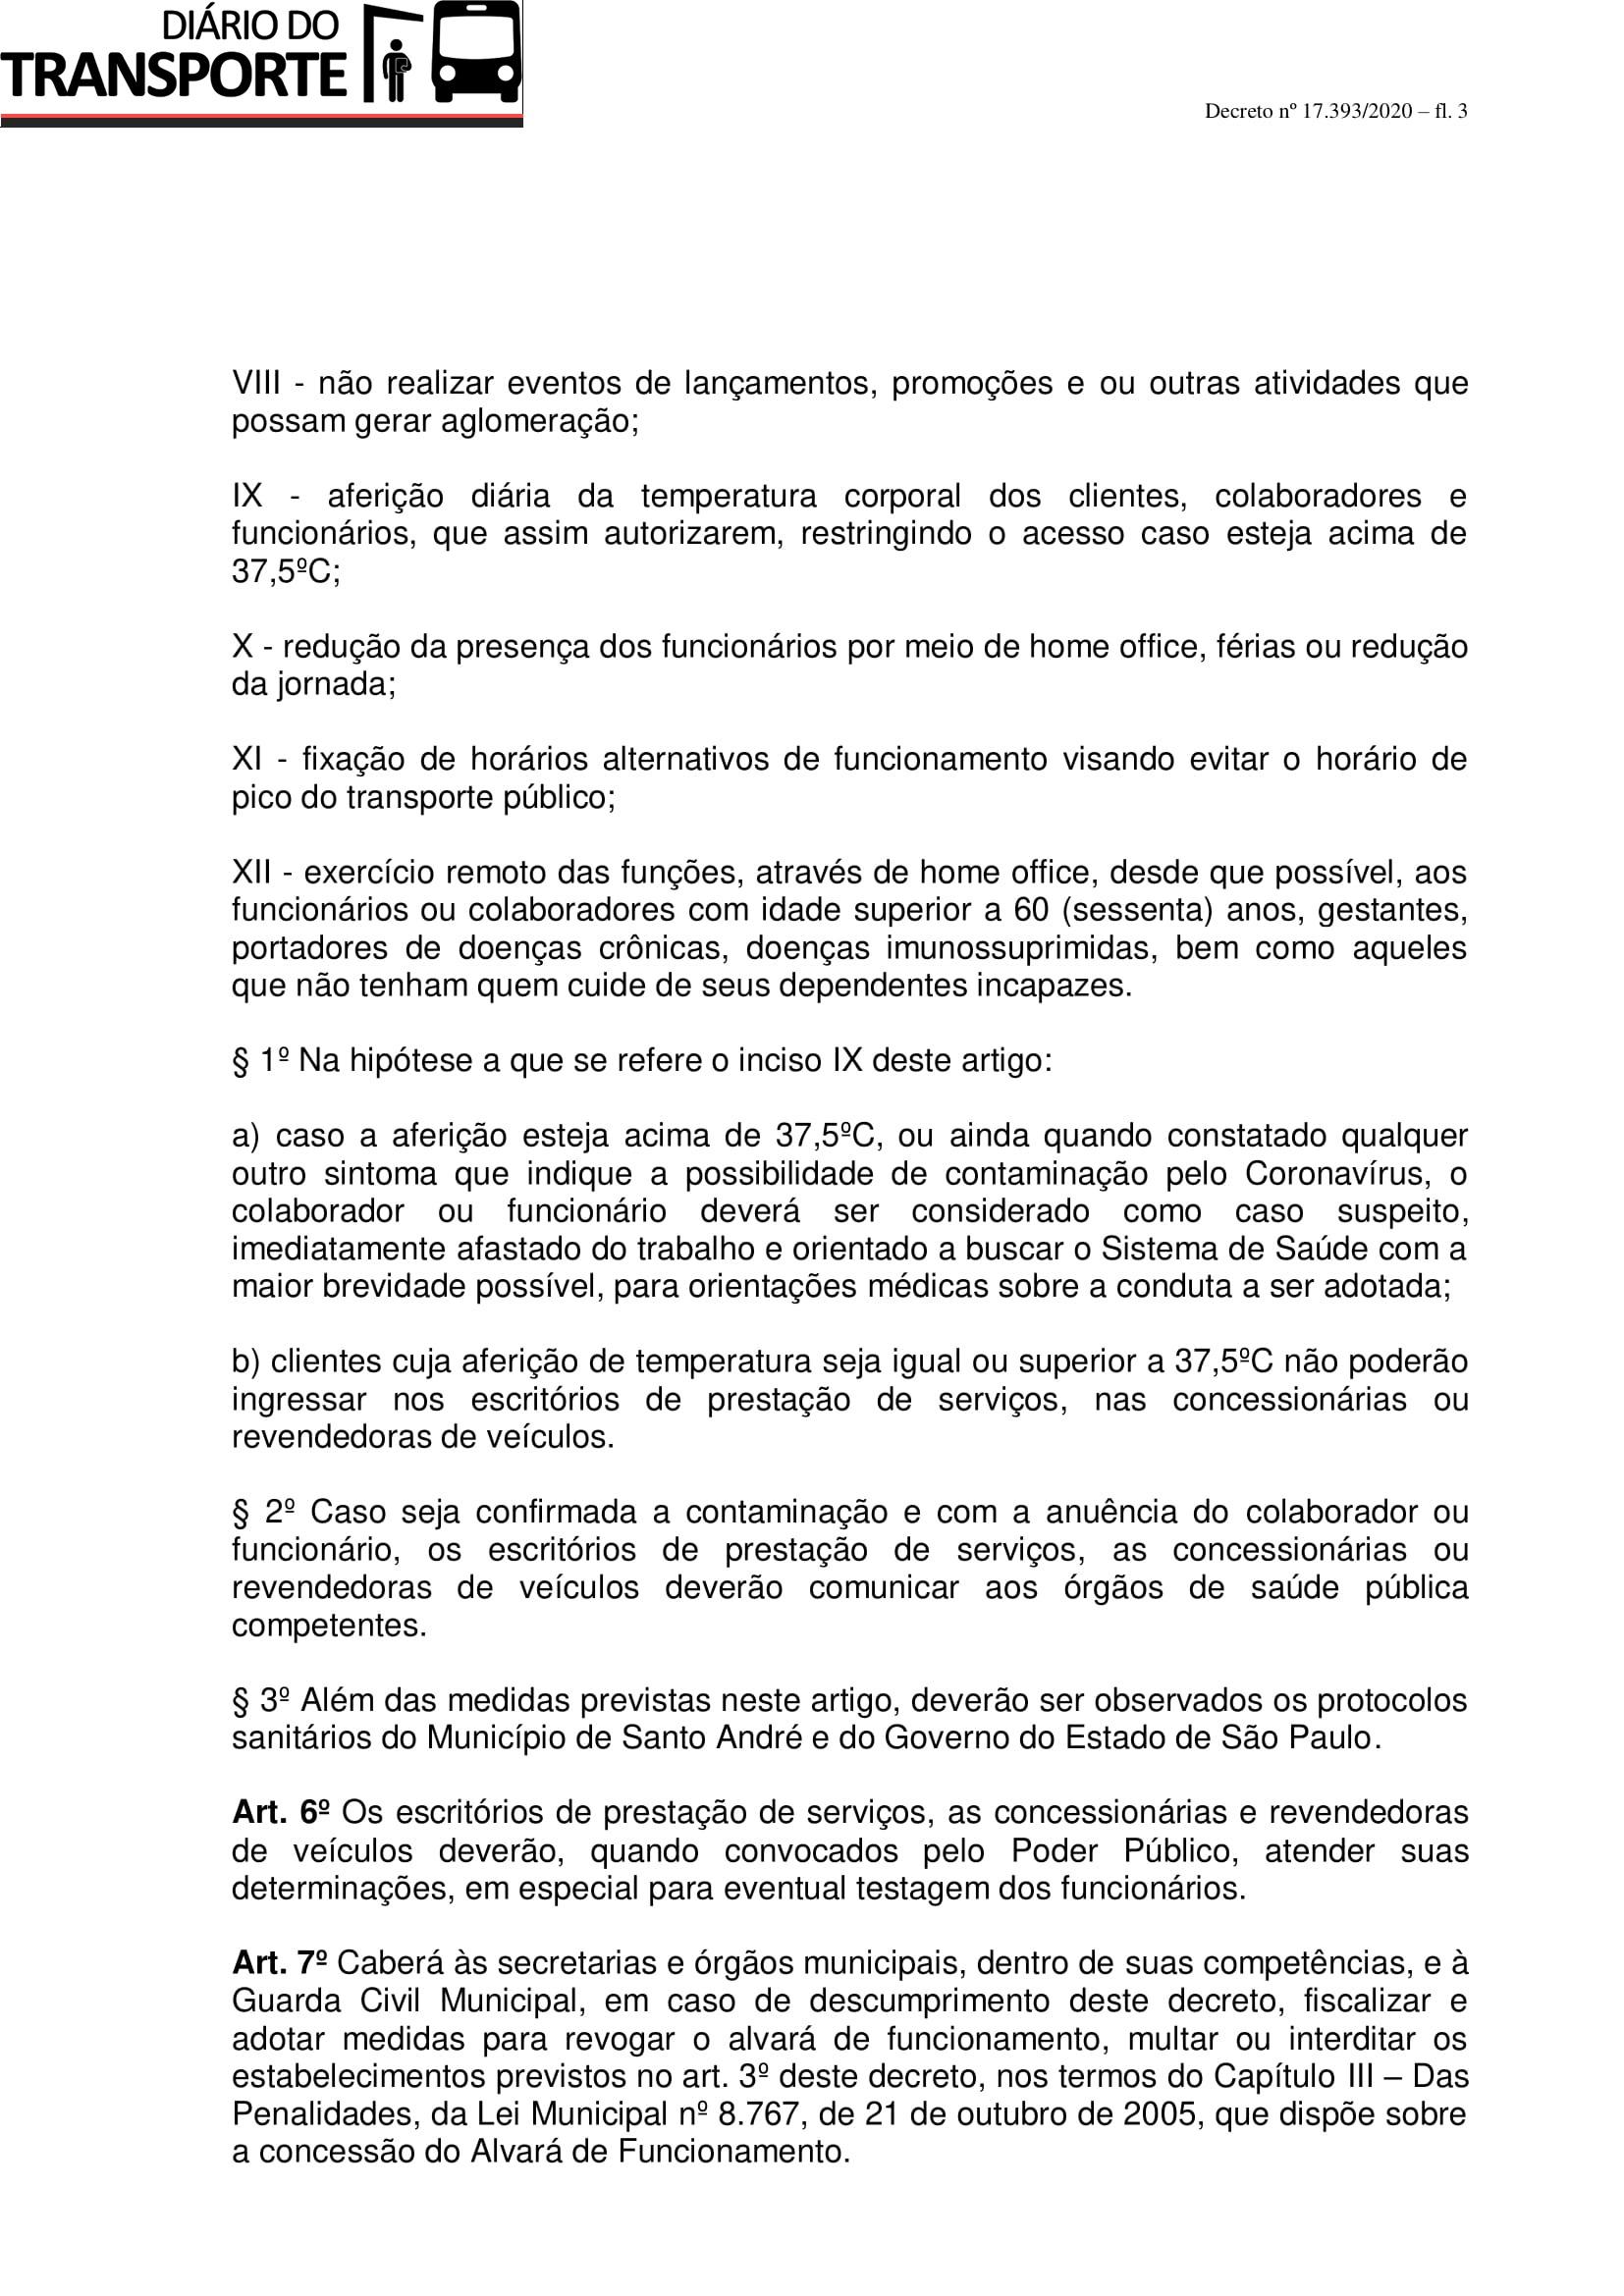 Decreto nº 17.393 (Retomada gradual e consciente da economia) (1)-3